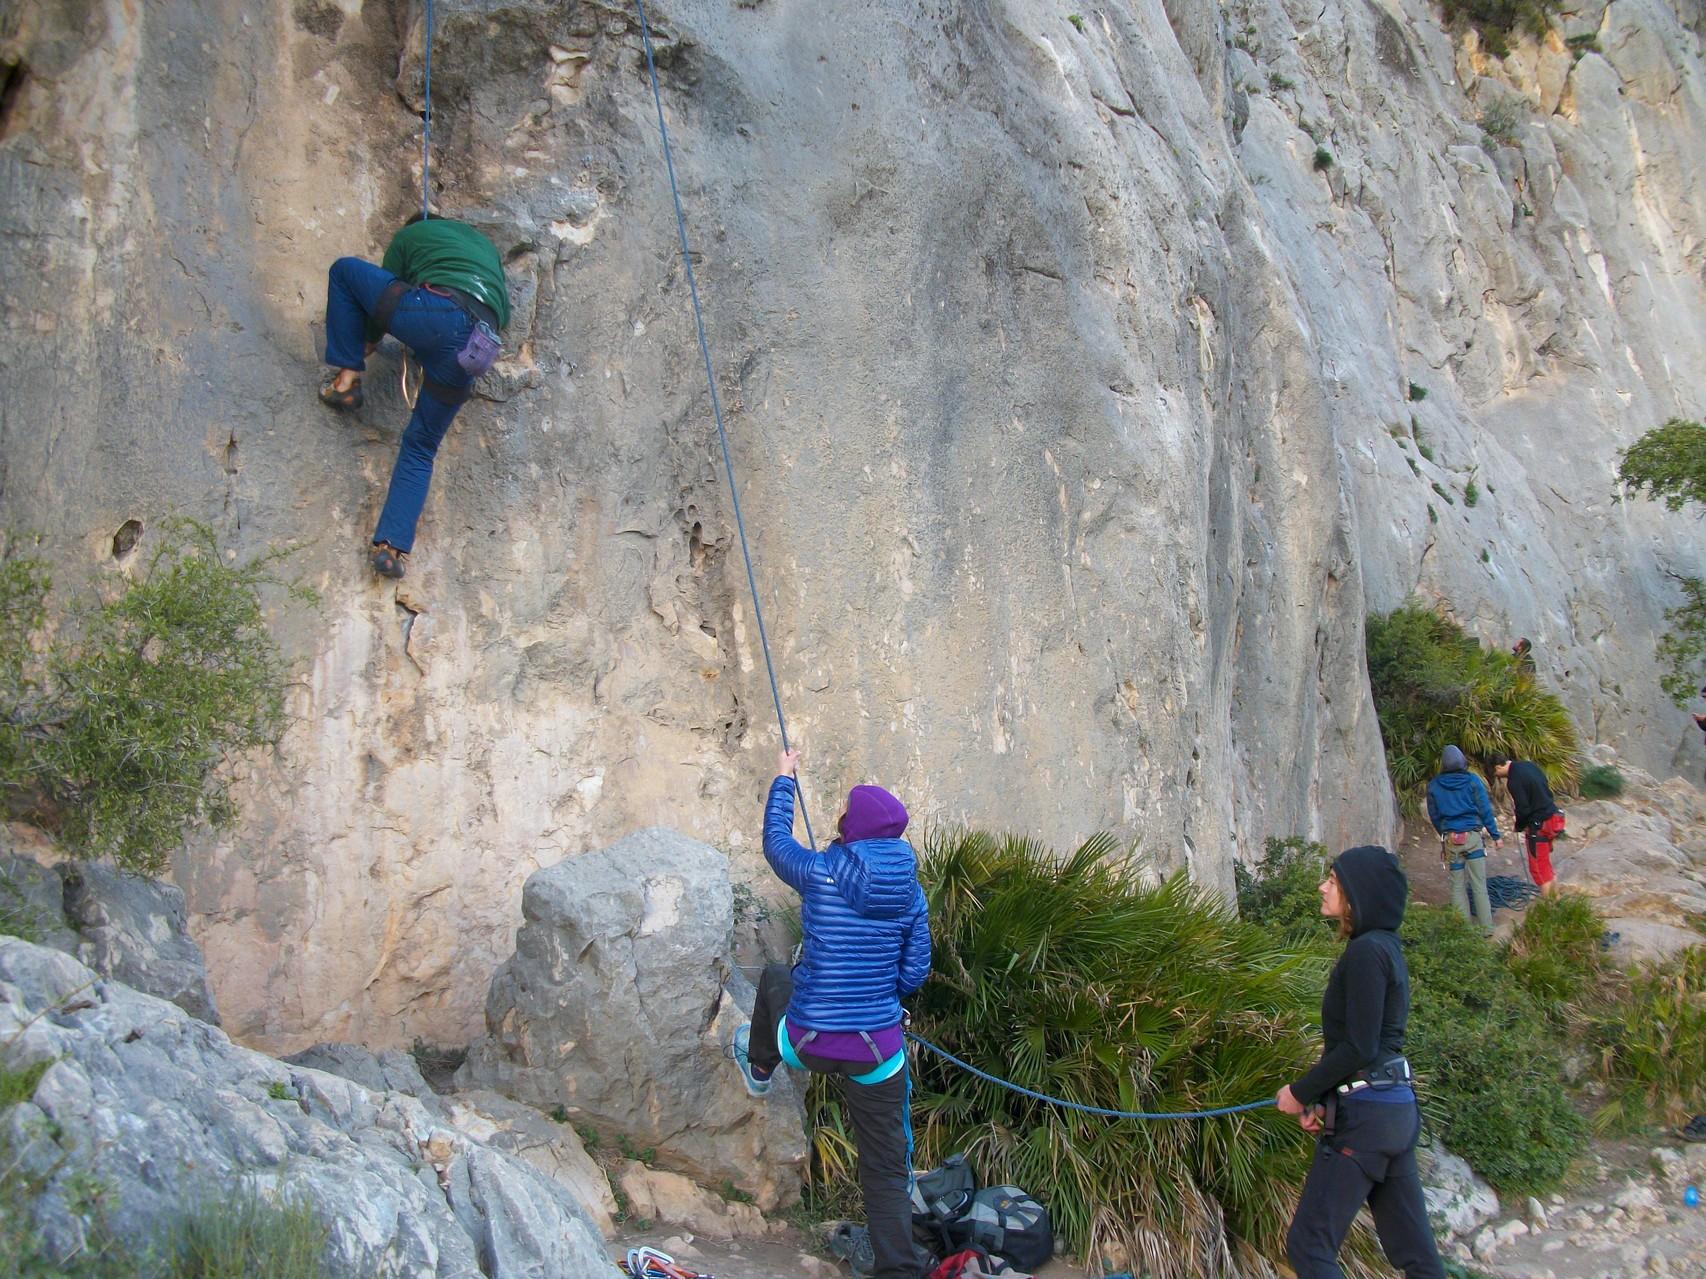 Kletterausrüstung Für Draußen : Kinder mit kletterausrüstung klettern wald neroberg wiesbaden